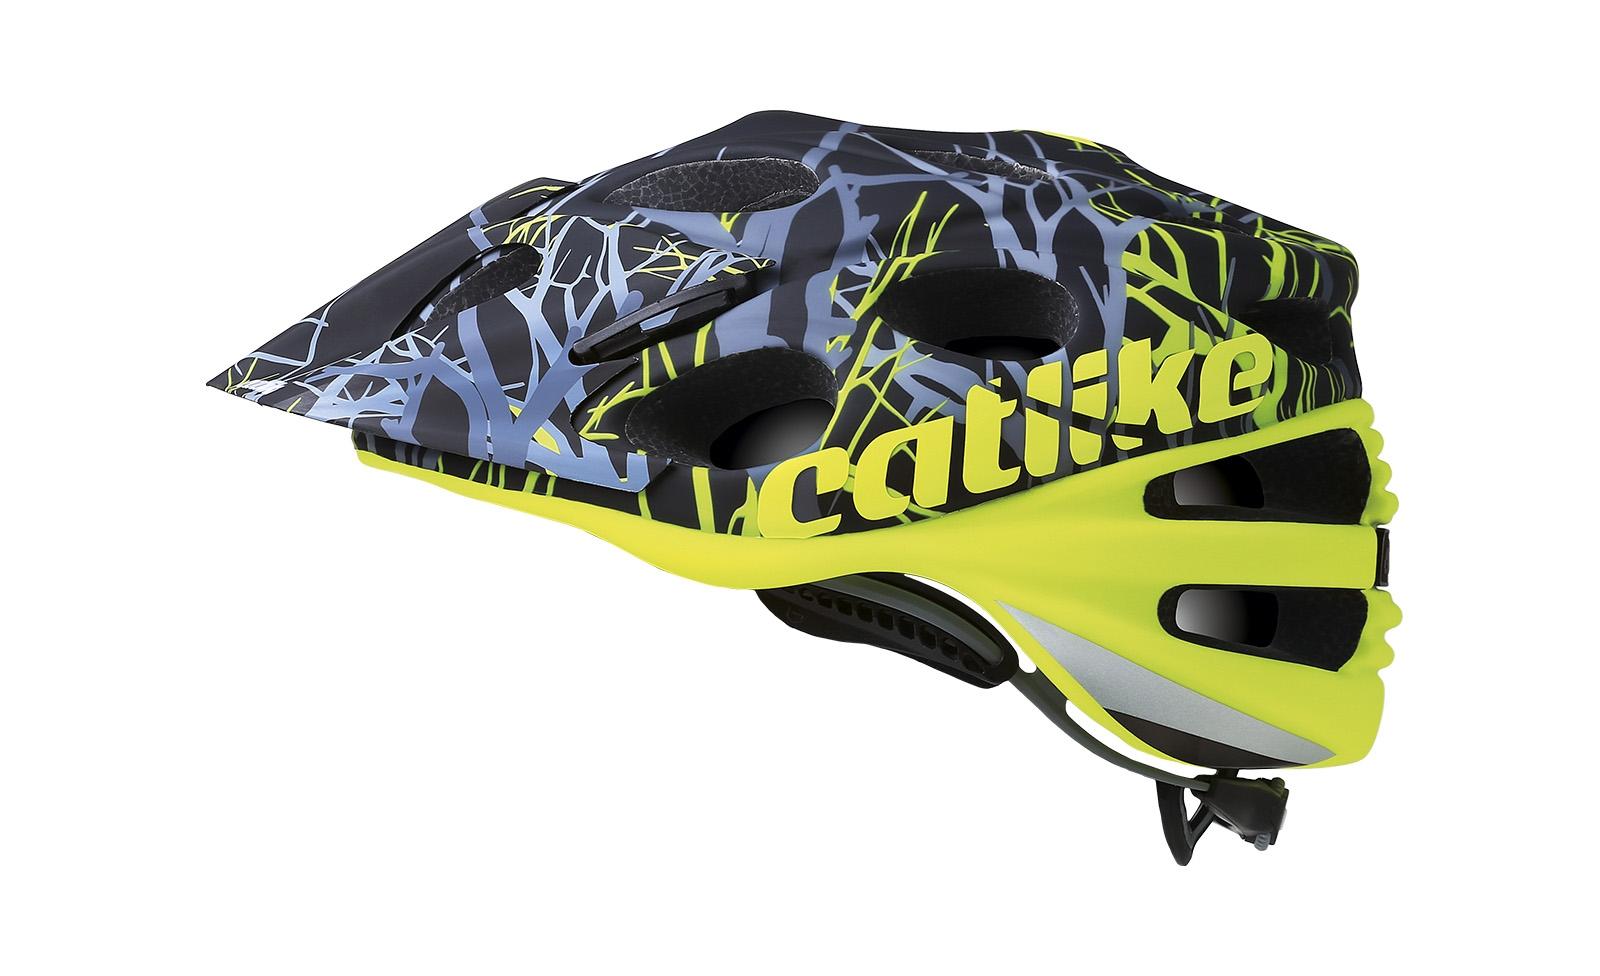 Casque Catlike Leaf 2C Jaune Fluo/Camo - M 54-57